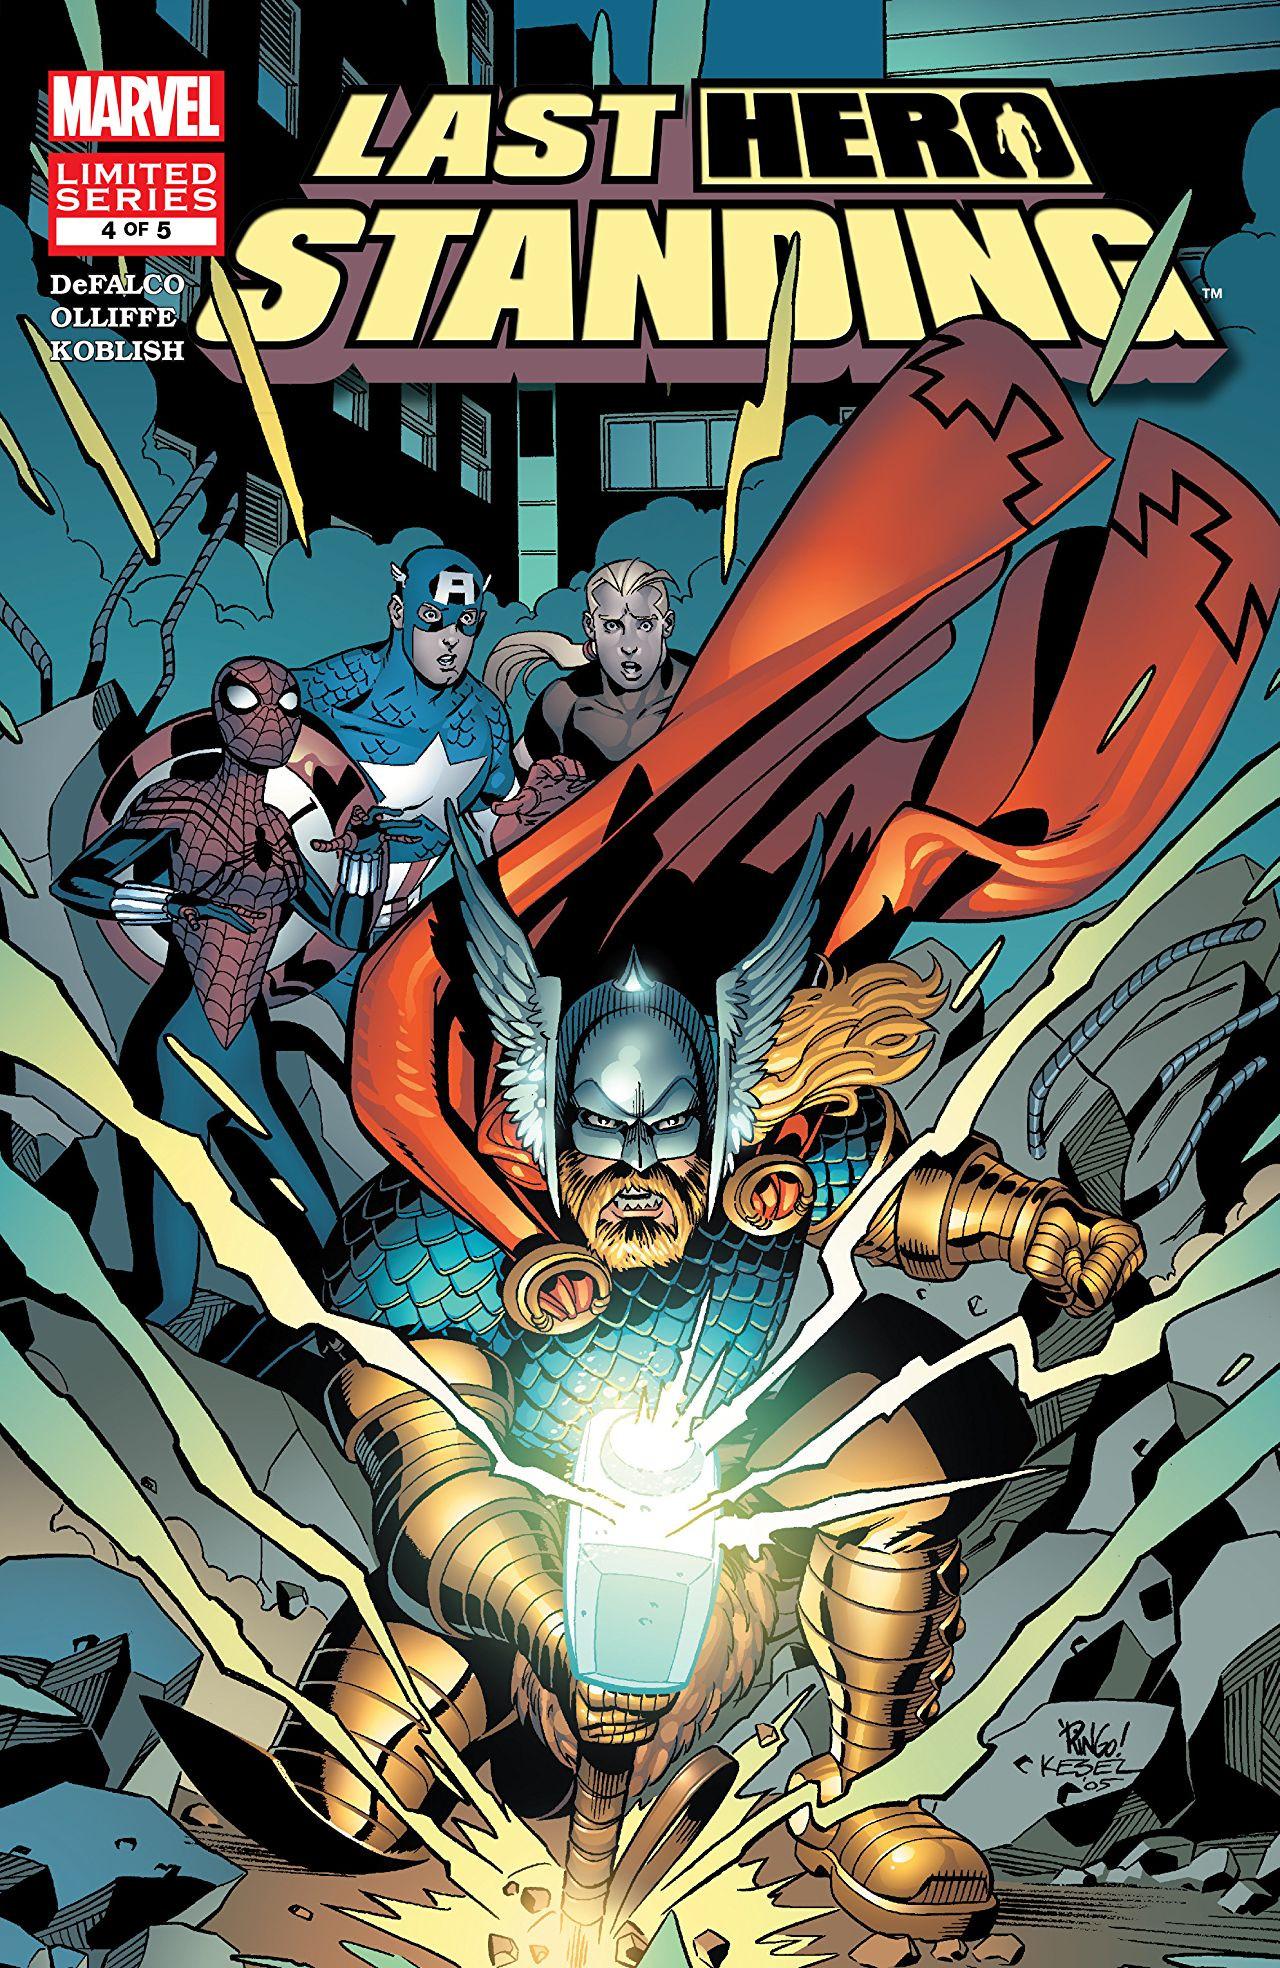 Last Hero Standing Vol 1 4